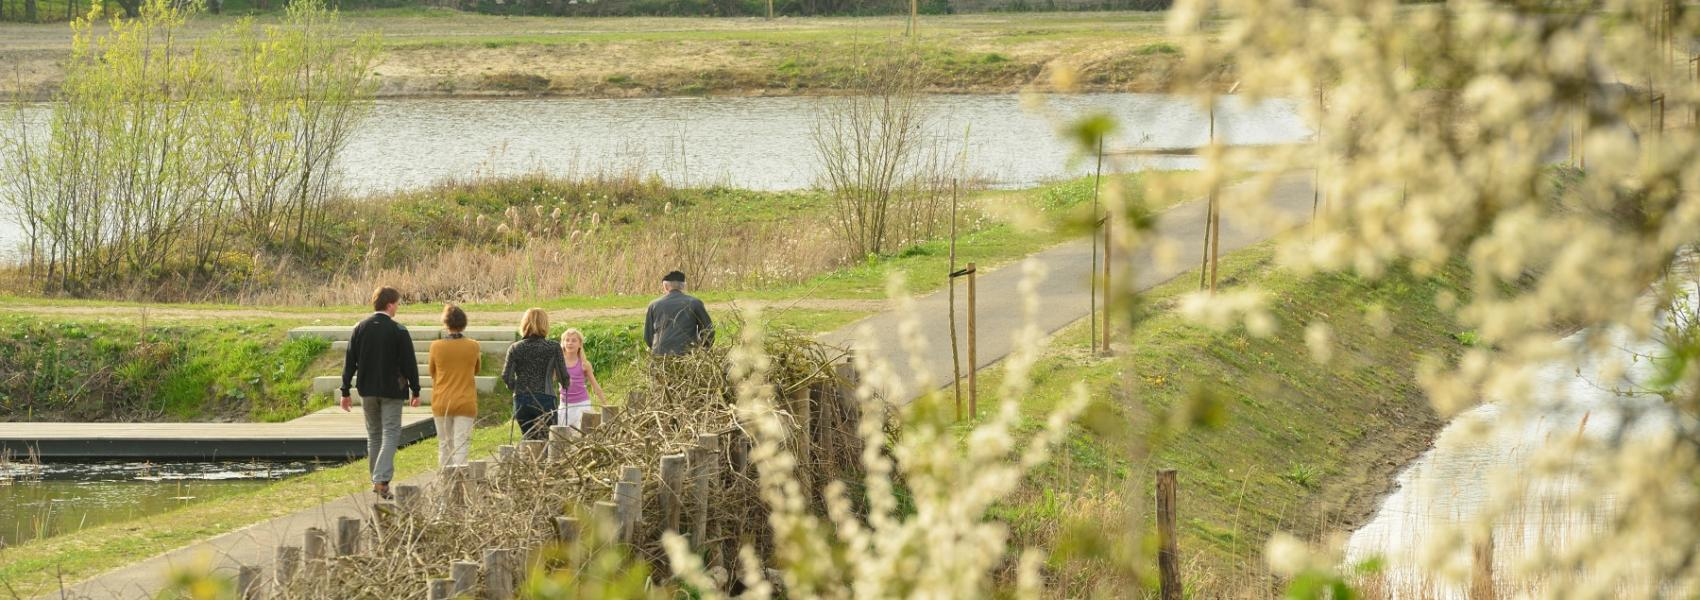 wandelaars in de polders